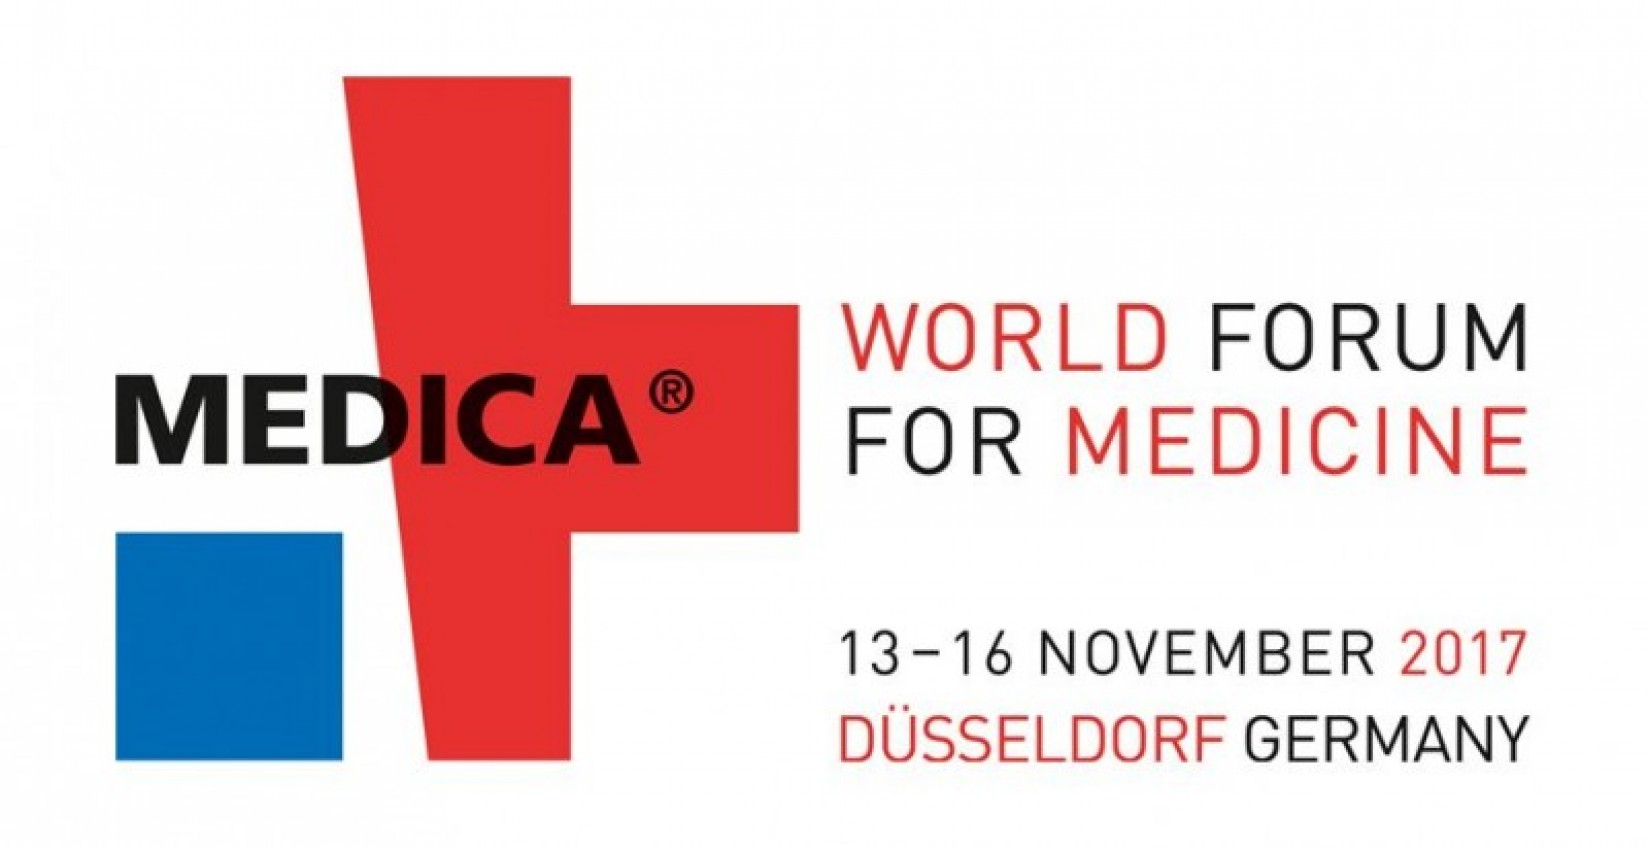 innokasmedical_medica_fair-1.jpg